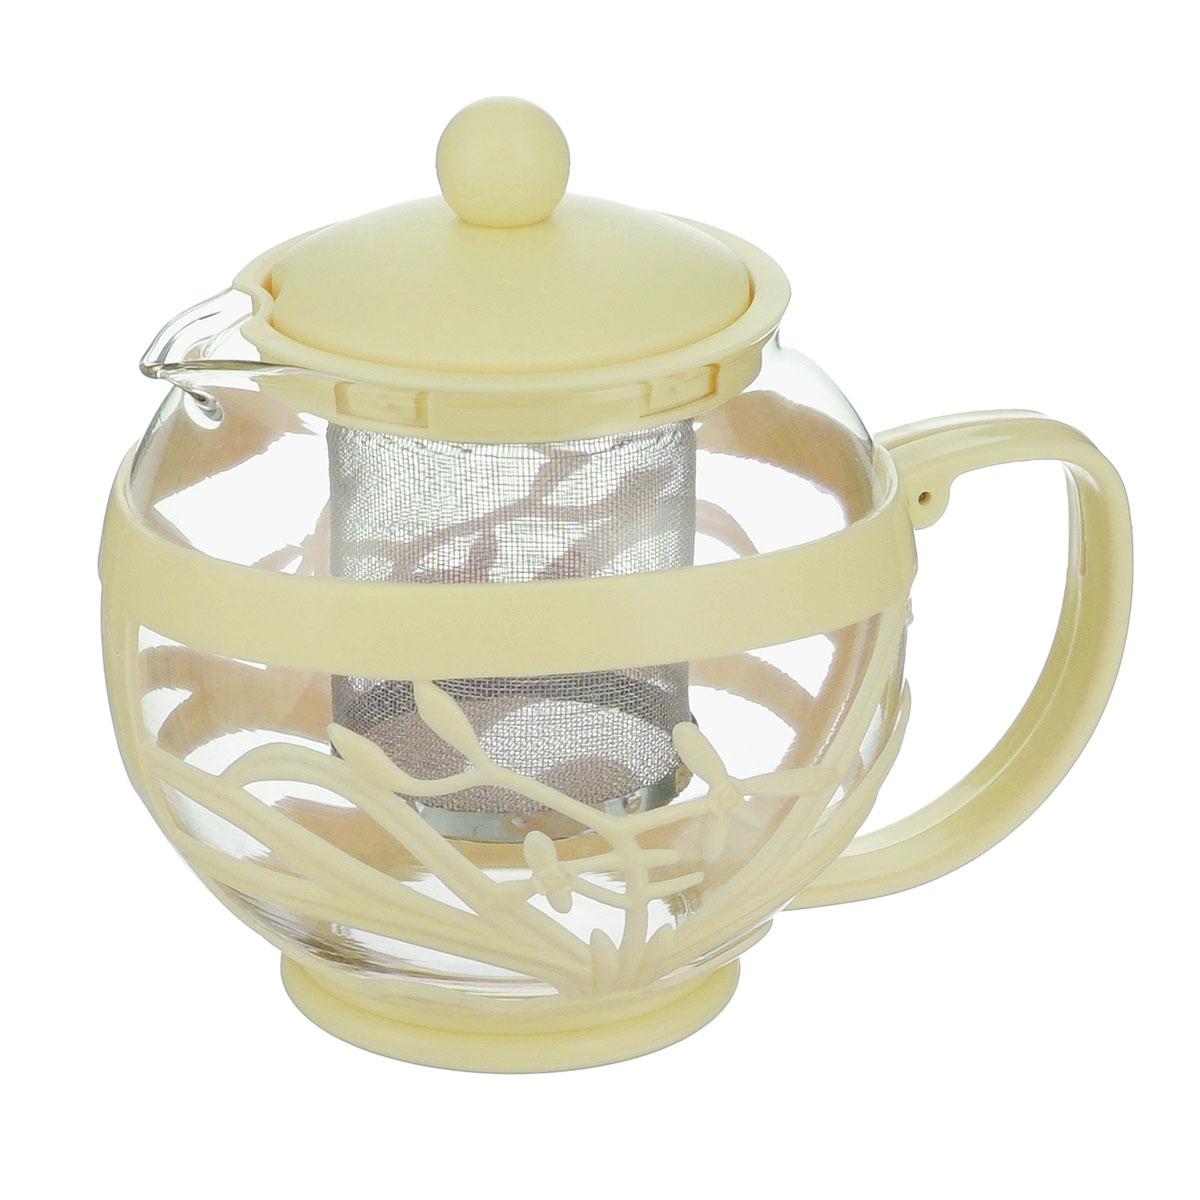 Чайник заварочный Menu Мелисса, с фильтром, цвет: прозрачный, бежевый, 750 млMLS-75Чайник Menu Мелисса изготовлен из прочного стекла и пластика. Он прекрасно подойдет для заваривания чая и травяных напитков. Классический стиль и оптимальный объем делают его удобным и оригинальным аксессуаром. Изделие имеет удлиненный металлический фильтр, который обеспечивает высокое качество фильтрации напитка и позволяет заварить чай даже при небольшом уровне воды. Ручка чайника не нагревается и обеспечивает безопасность использования. Нельзя мыть в посудомоечной машине. Диаметр чайника (по верхнему краю): 8 см. Высота чайника (без учета крышки): 11 см. Размер фильтра: 6 х 6 х 7,2 см.